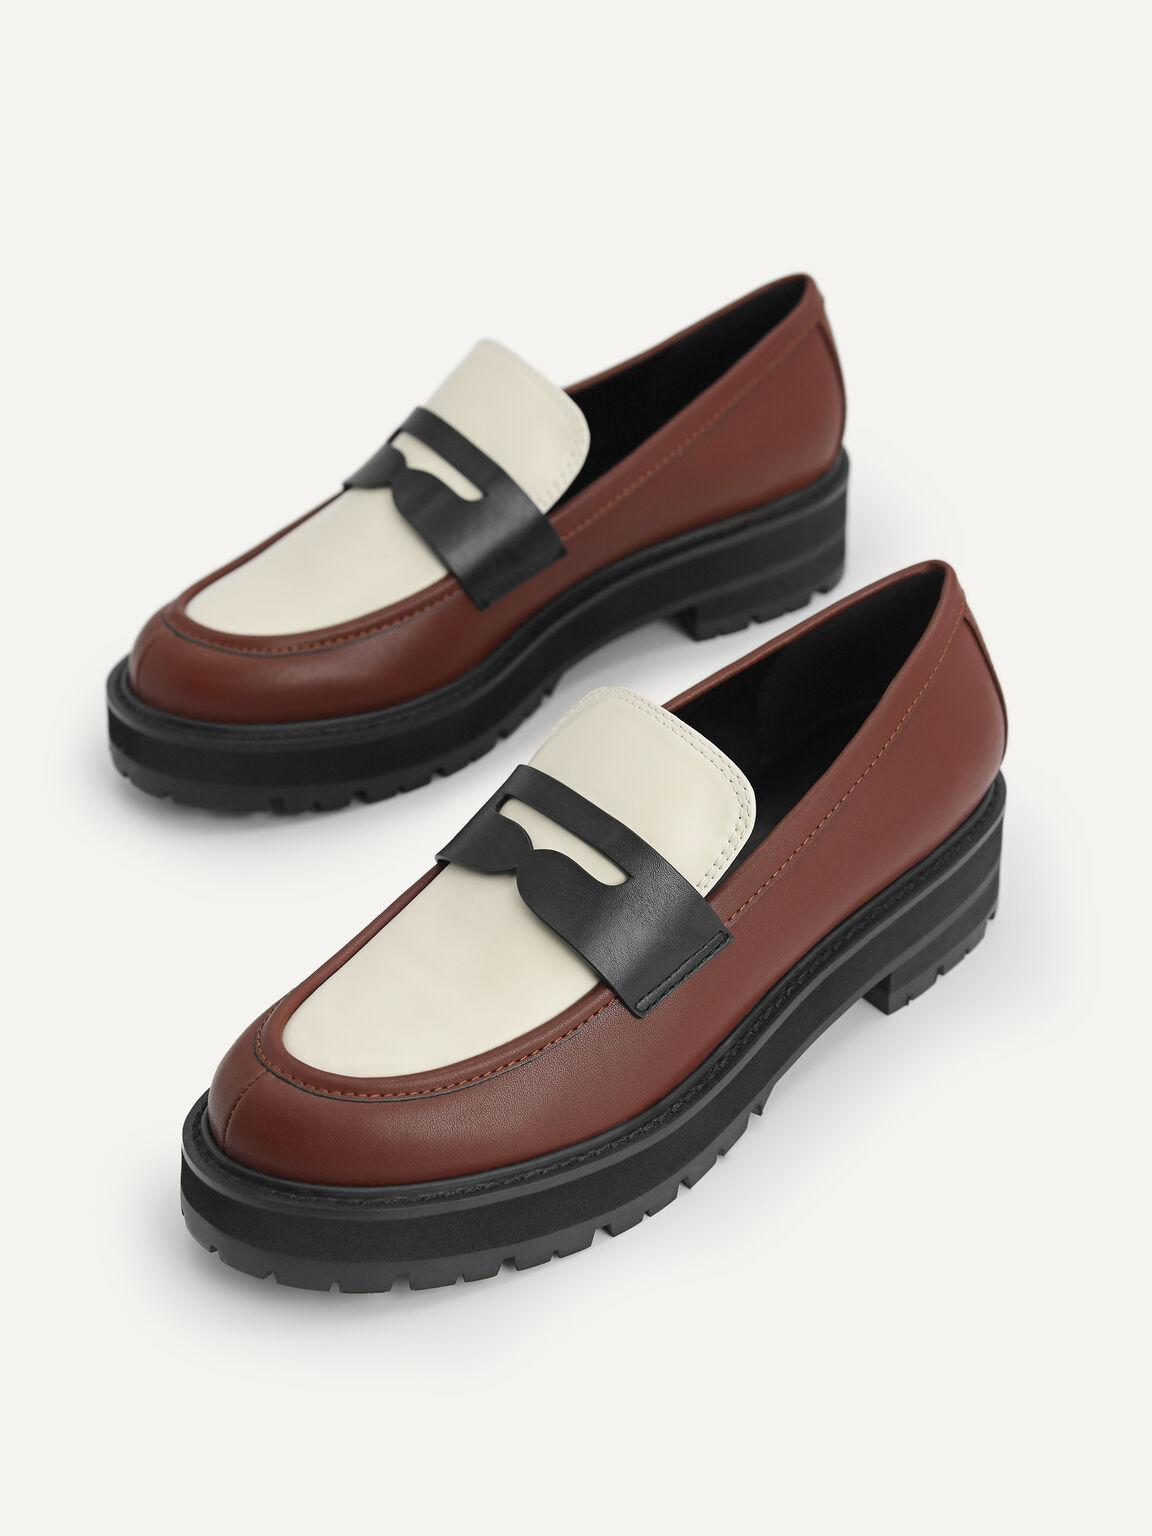 Platform Penny Loafers, Multi, hi-res